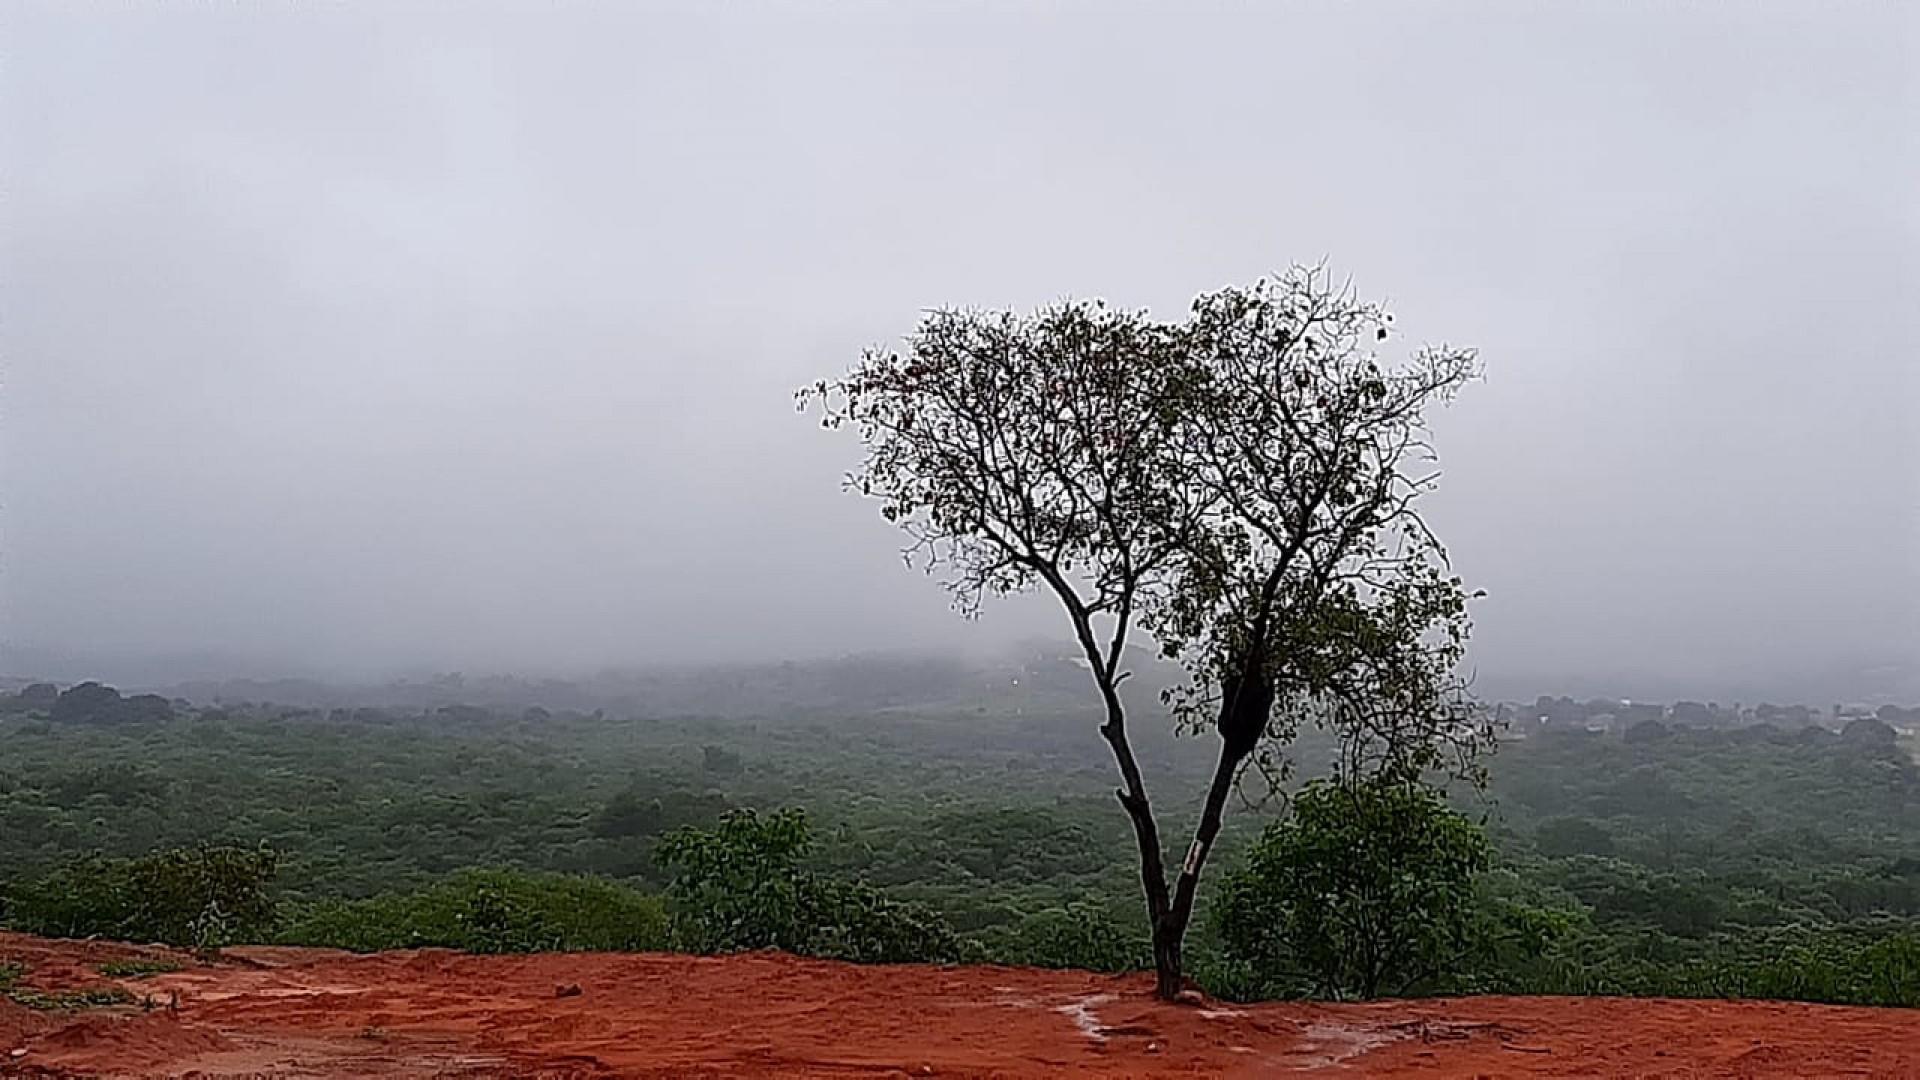 De acordo com relatório, chuva banhou Abaiara, na região do Cariri.